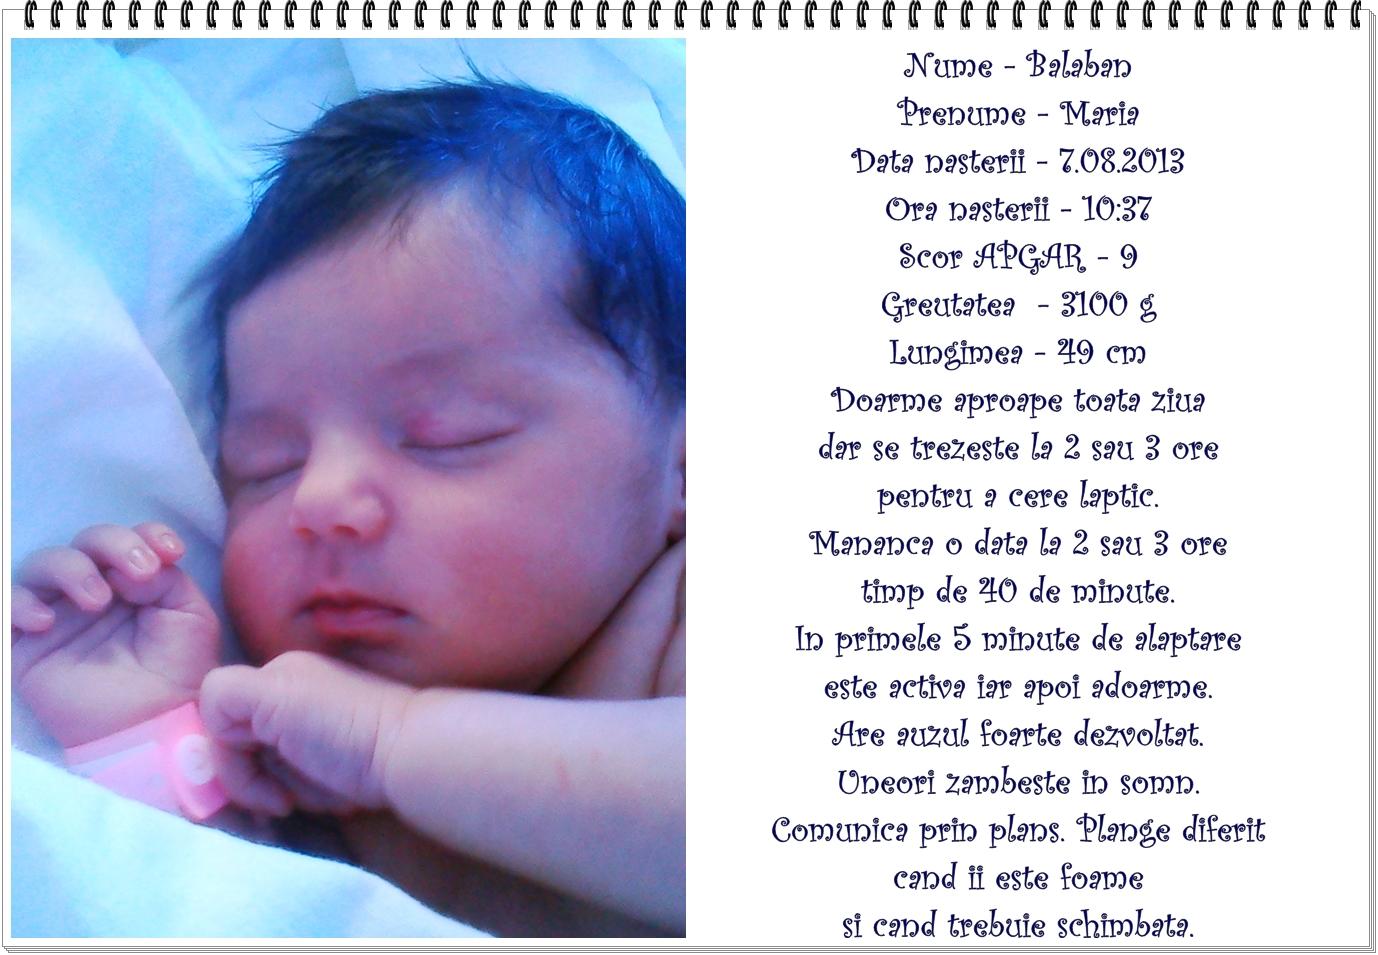 00. detalii de la nastere despre bebe